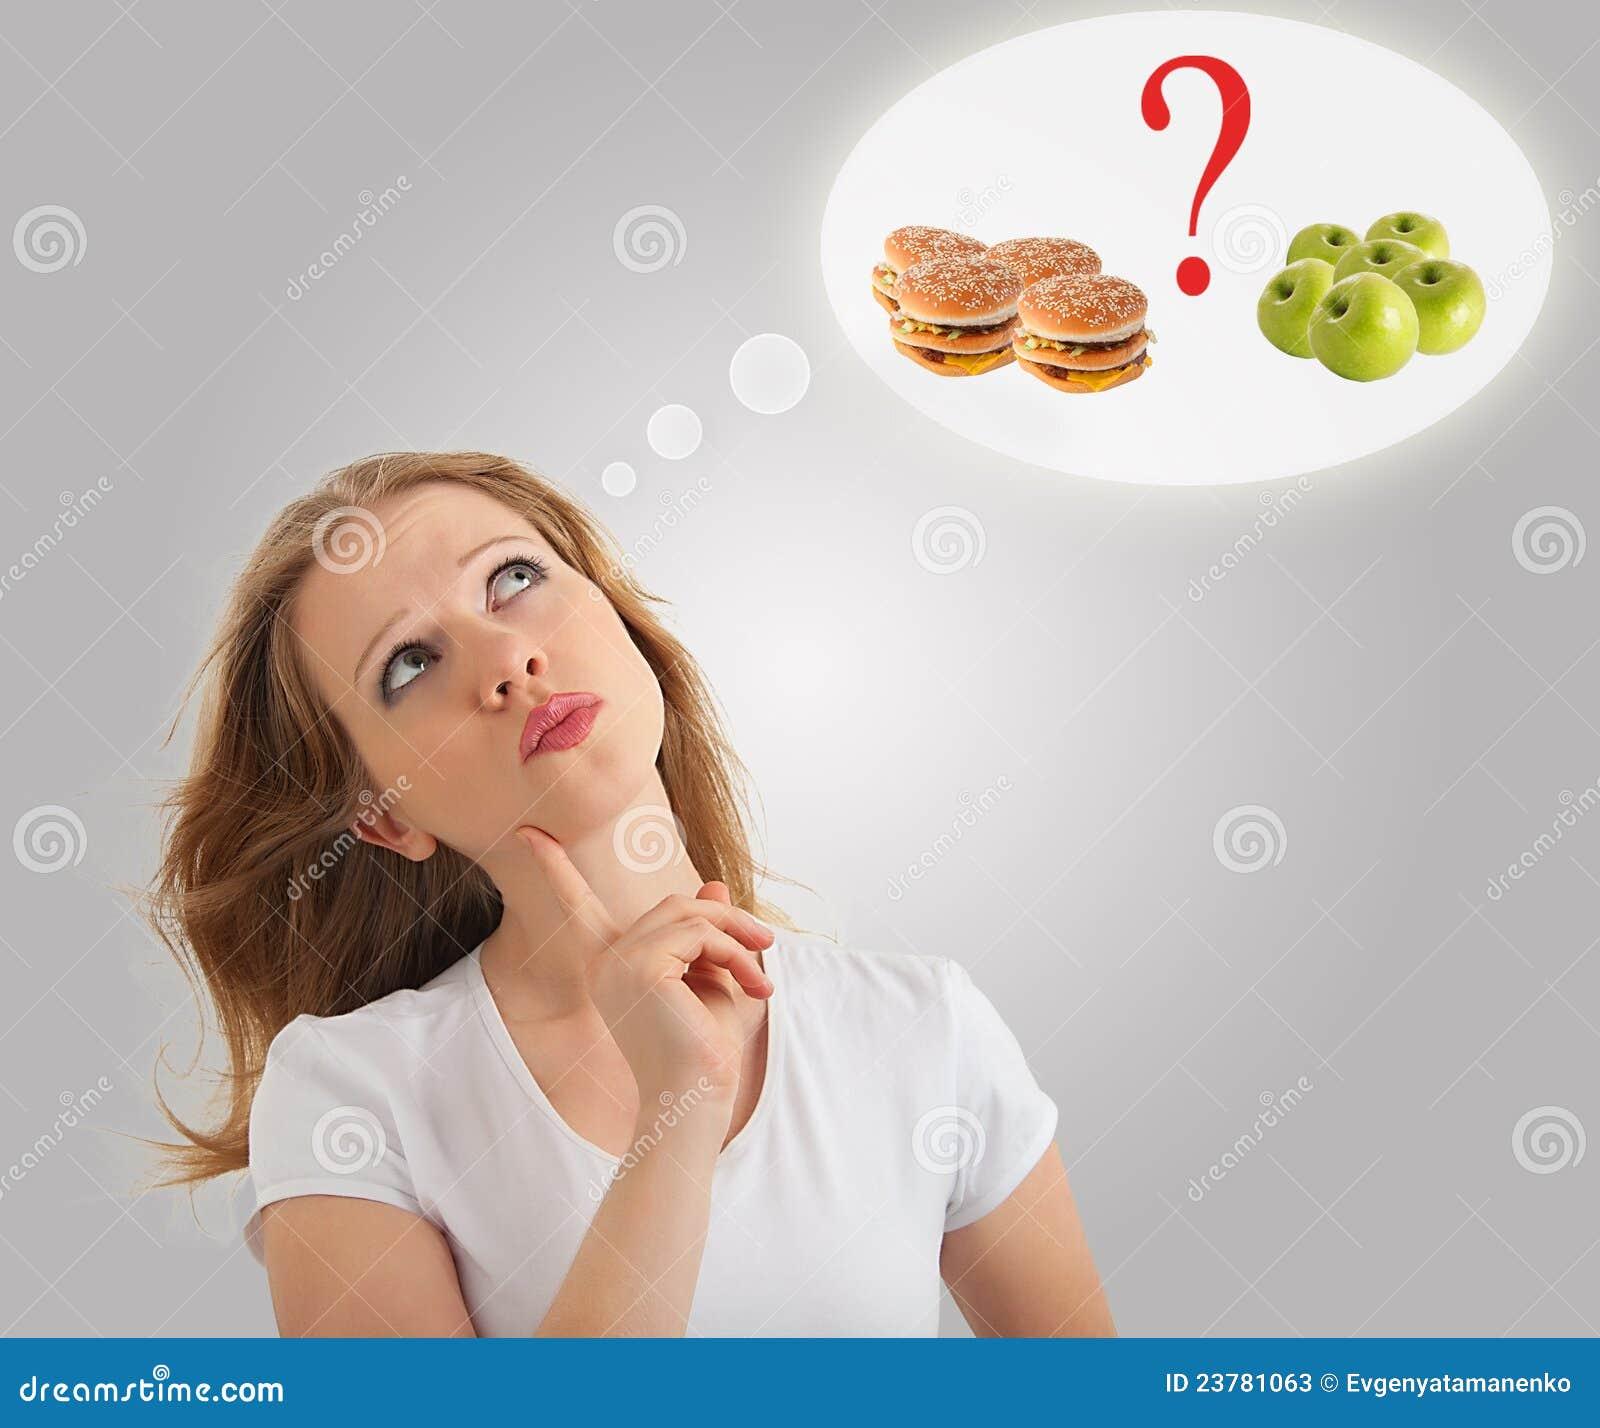 Jonge vrouw, gezond en ongezond voedsel